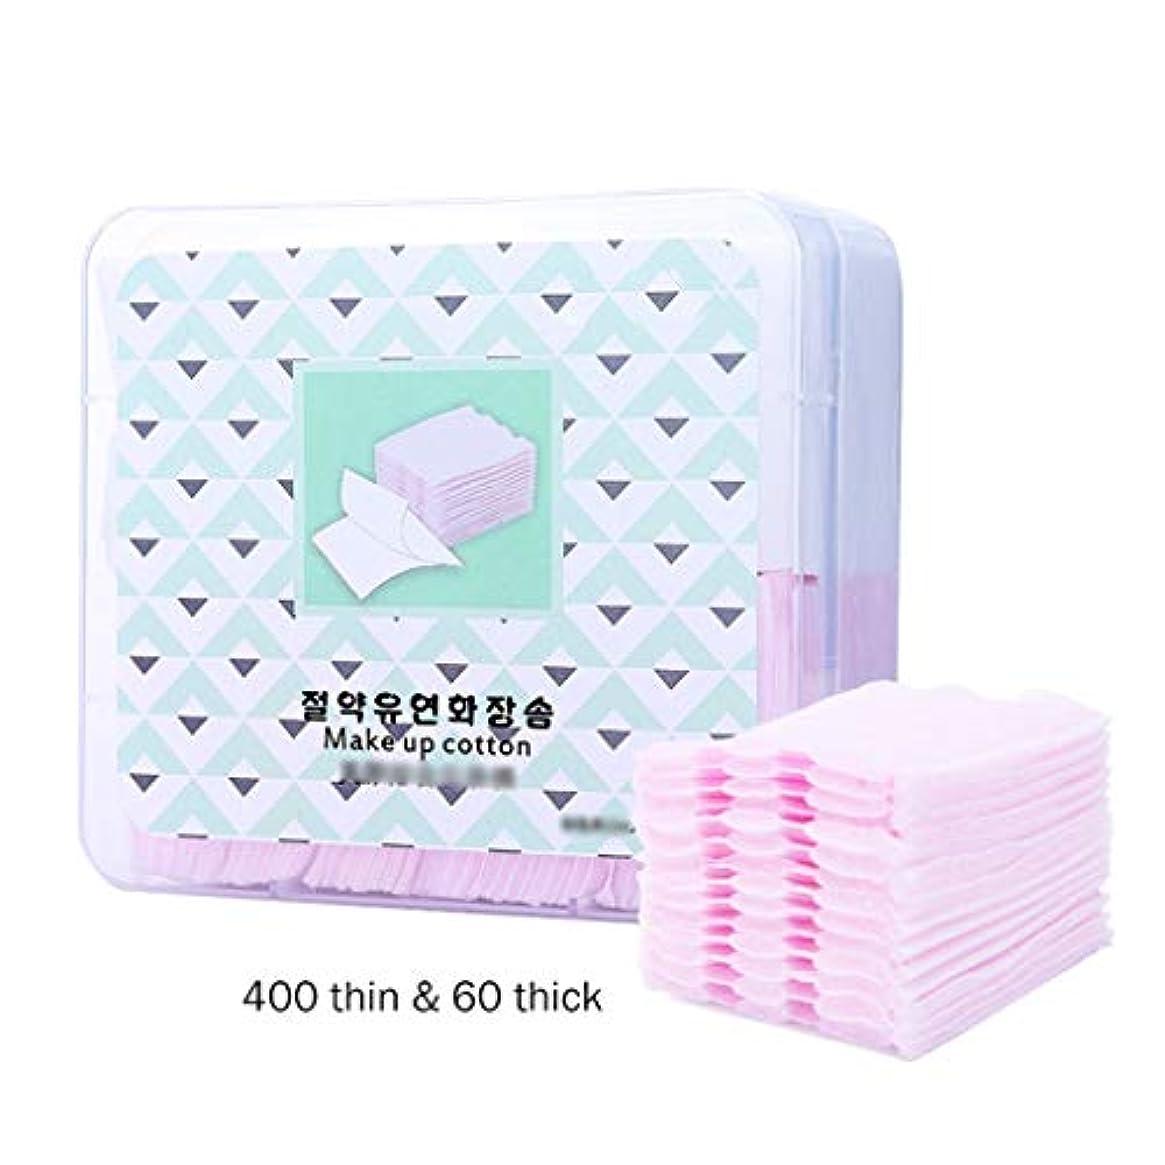 コンクリートできた談話クレンジングシート 460ピース化粧コットンパッド再利用可能な有機ネイルコットンワイプフェイシャルティッシュメイクアップリムーバーワイプネイルナプキンホルダーボックス (Color : Pink+White)